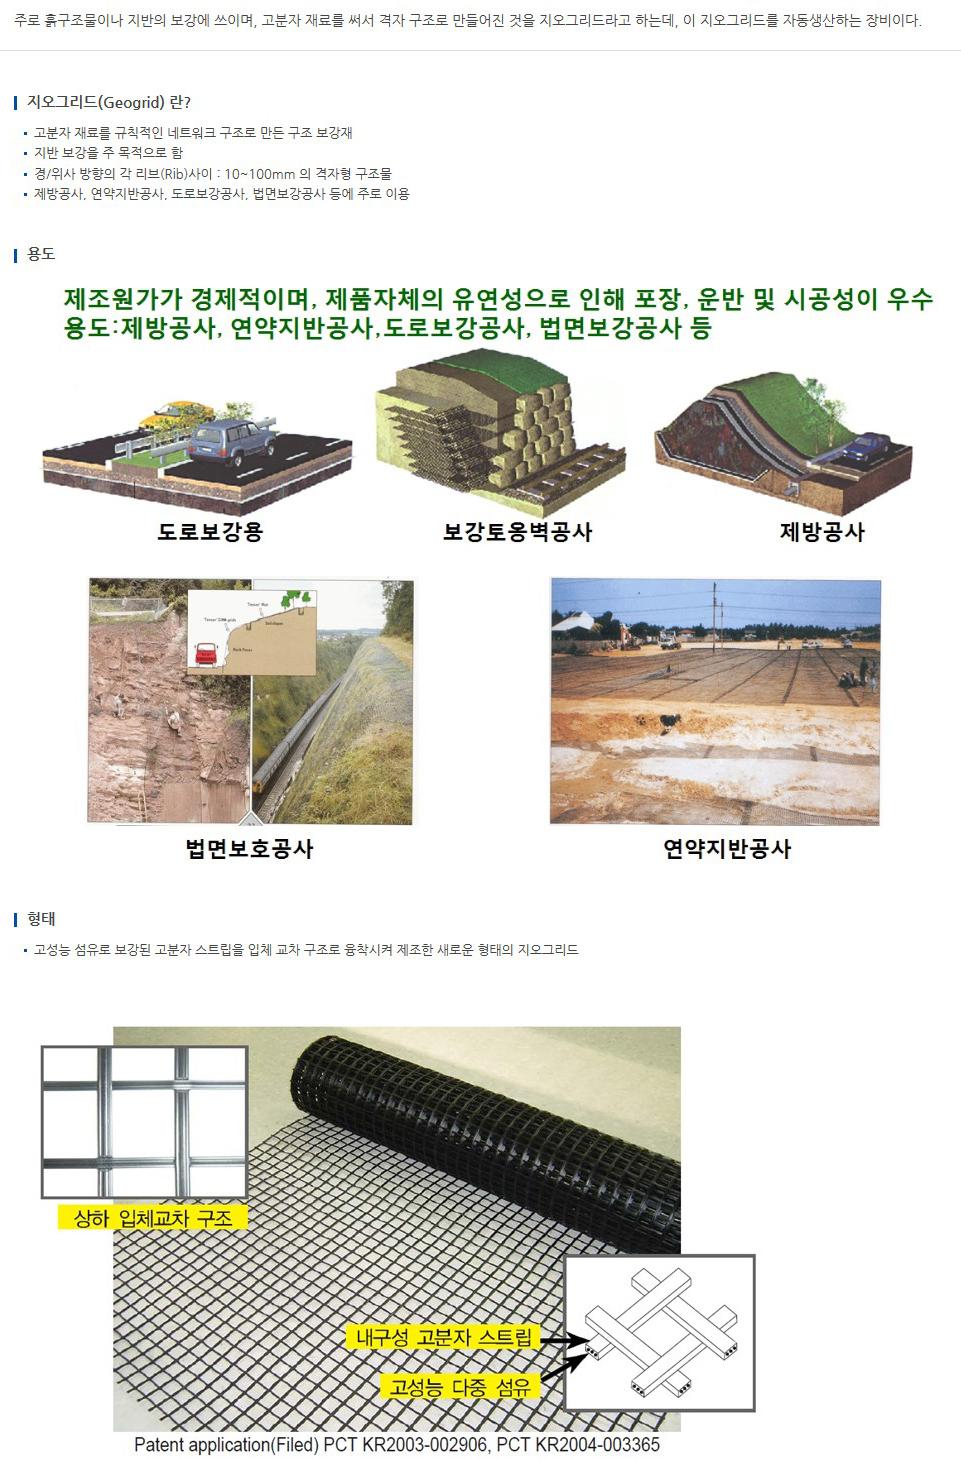 (주)티포엘 2M, 4M 지오그리드 제조 장비  1